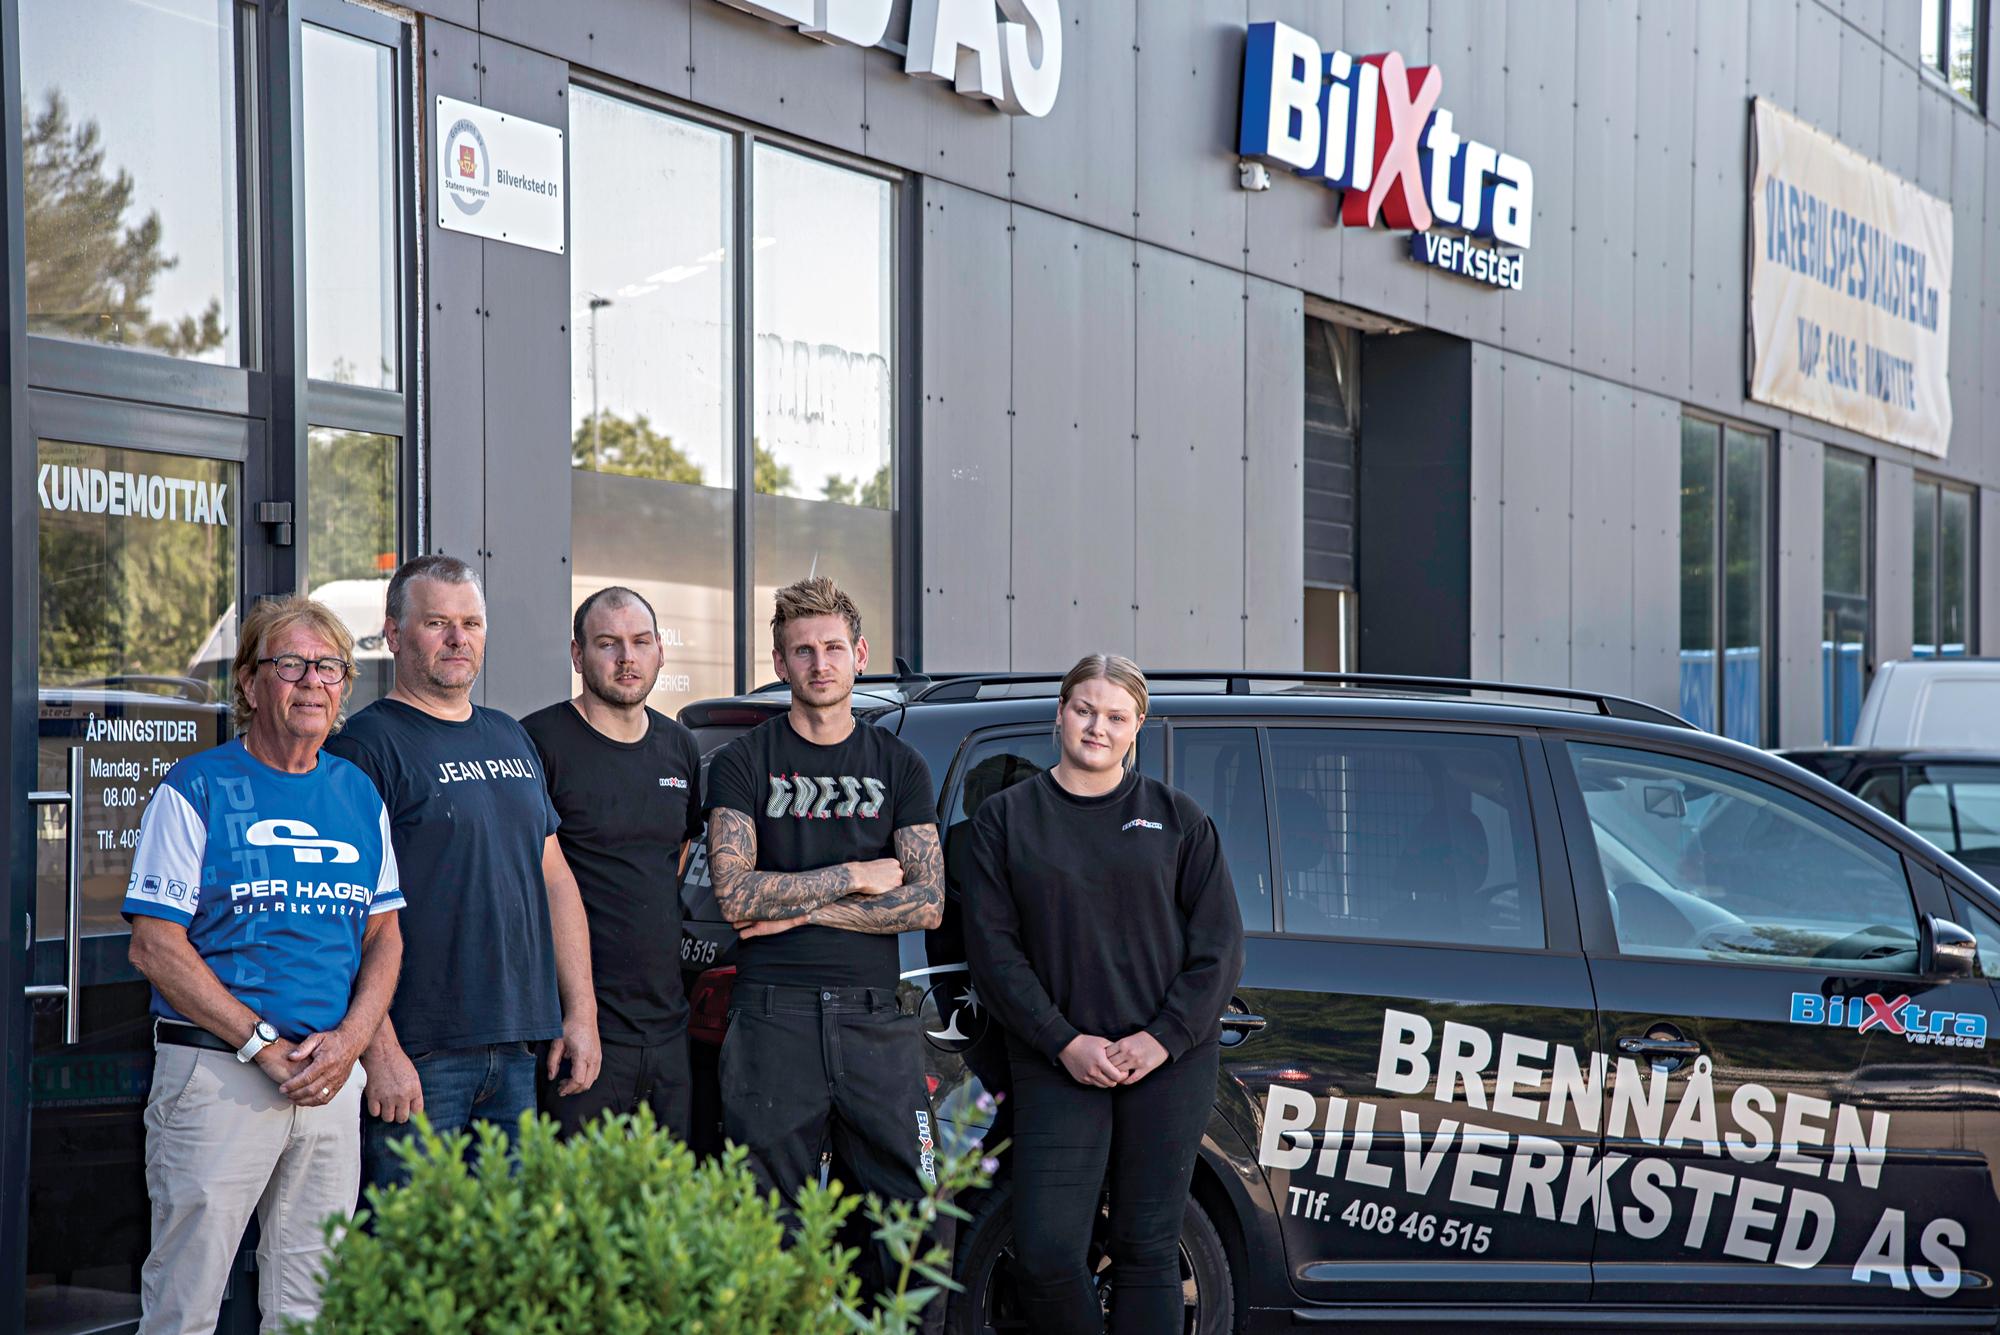 Nytt BilXtra Verksted I Brennåsen